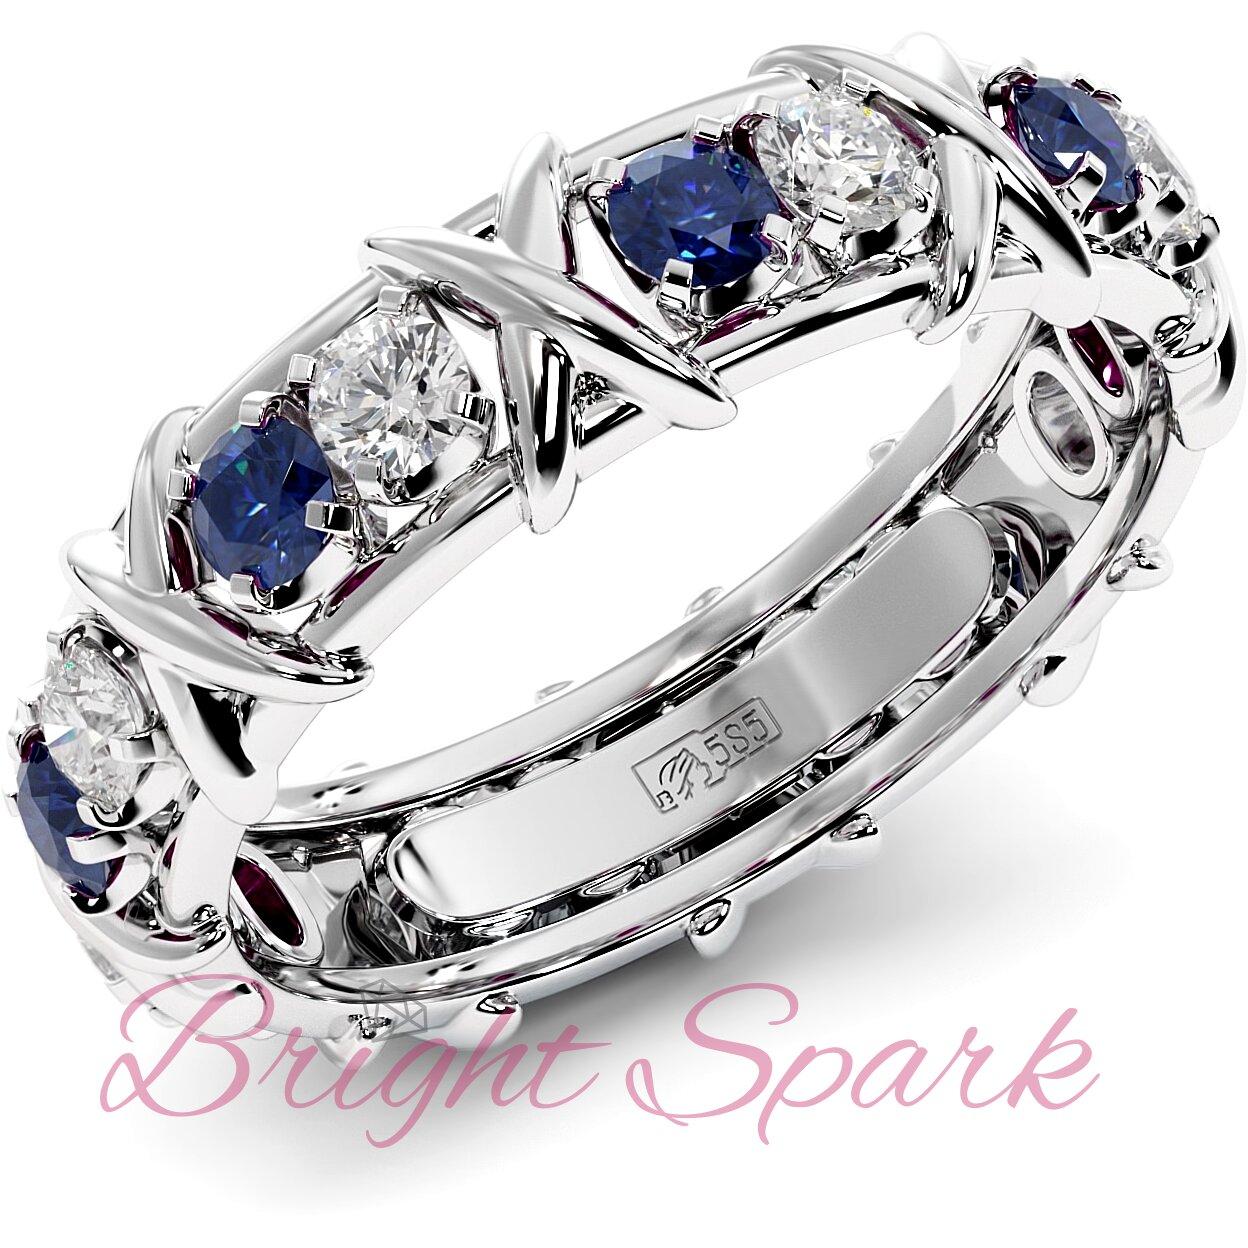 Обручальное кольцо с иксами  и синими сапфирами Tiffany Sixteen Stones by Schlumberger